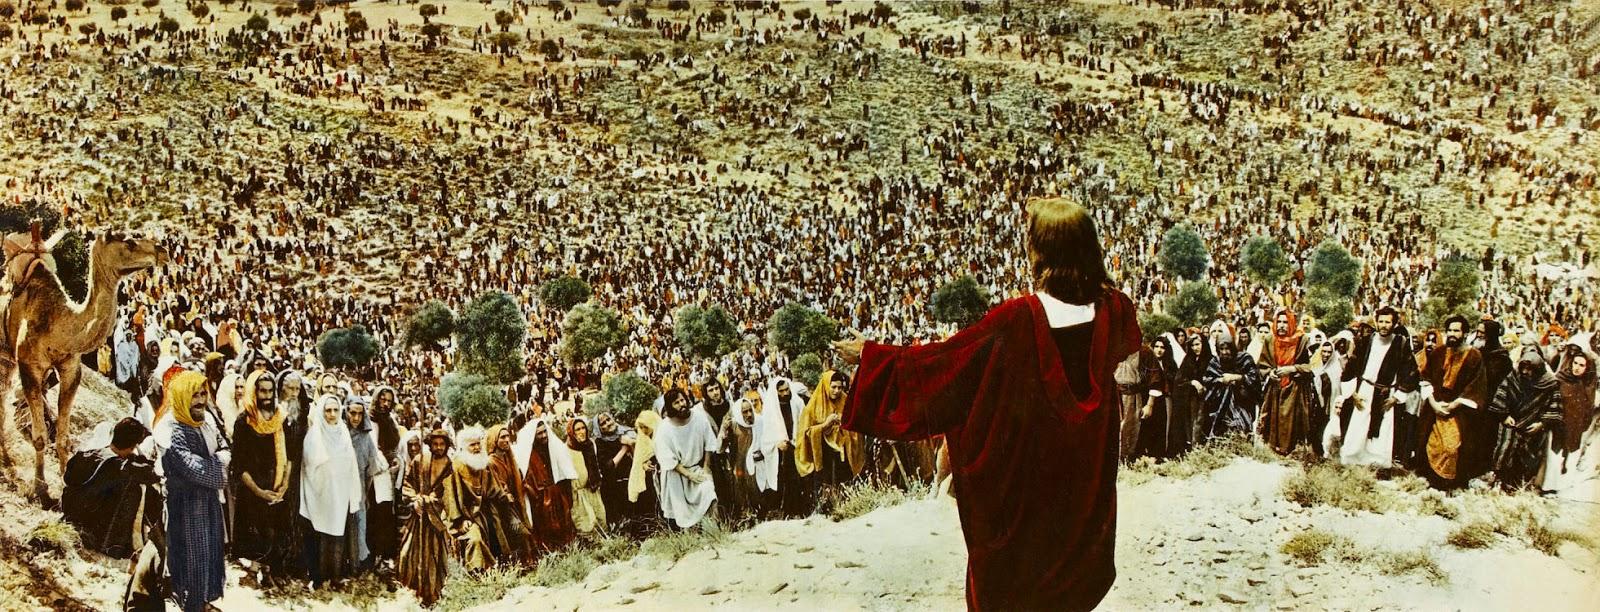 Oíste que fue dicho (Sermón del monte) – ¿Qué dice la Biblia? » Mi ...